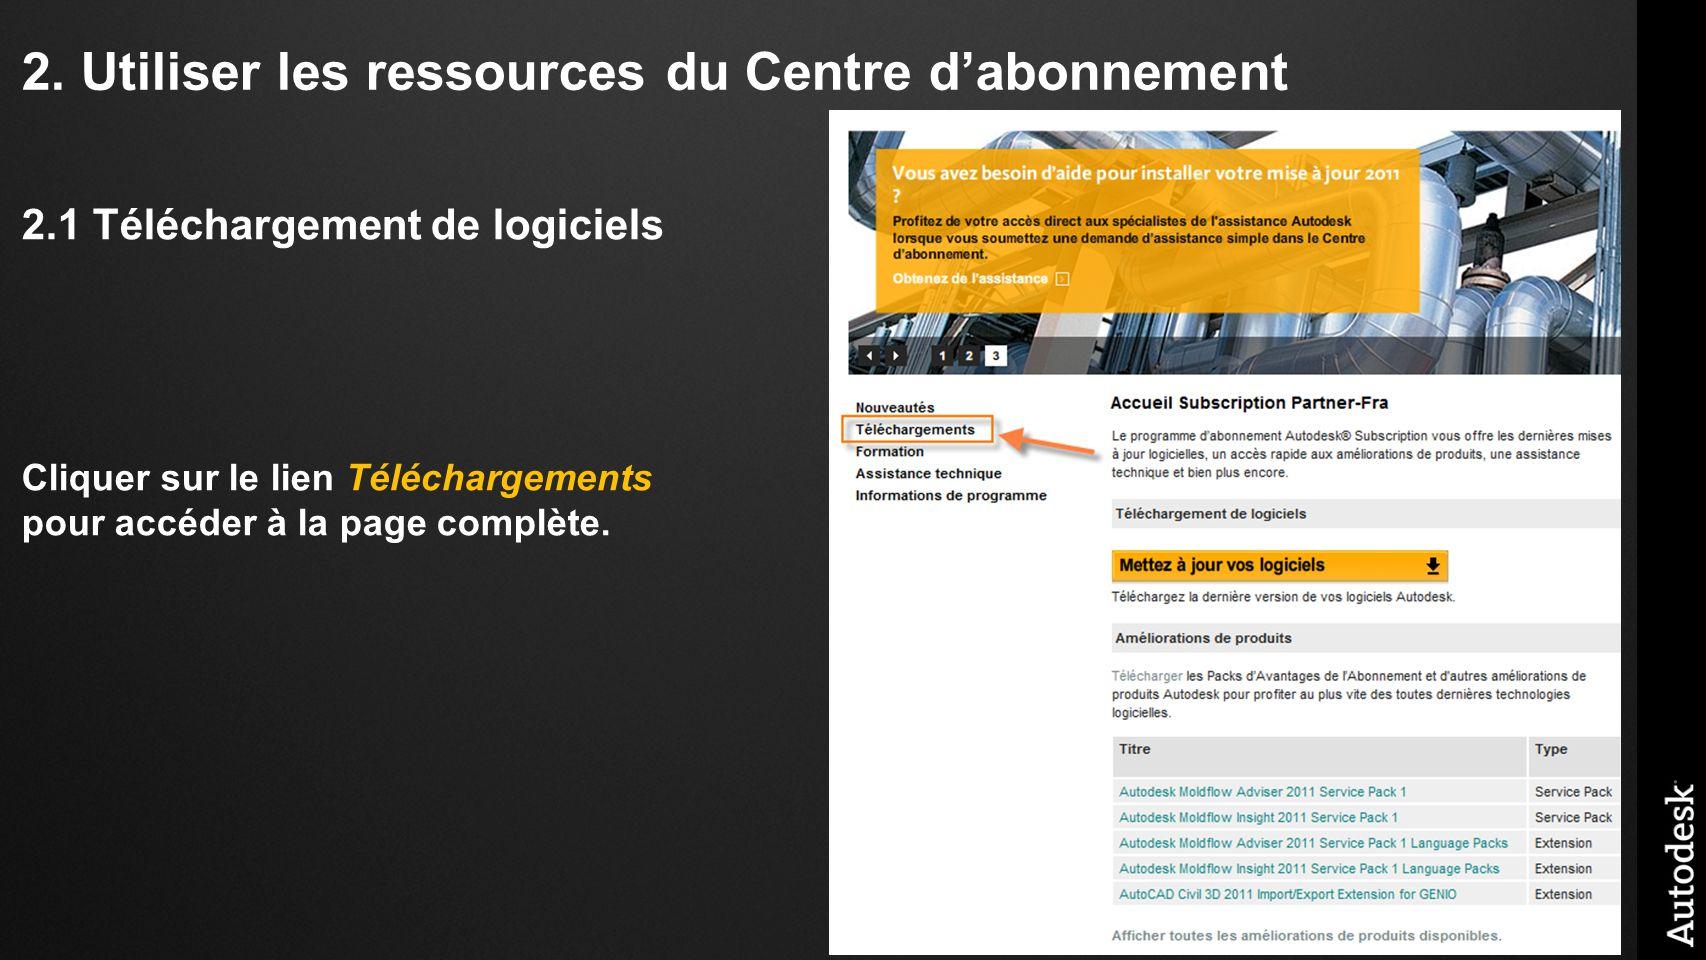 2. Utiliser les ressources du Centre dabonnement 2.1 Téléchargement de logiciels Cliquer sur le lien Téléchargements pour accéder à la page complète.